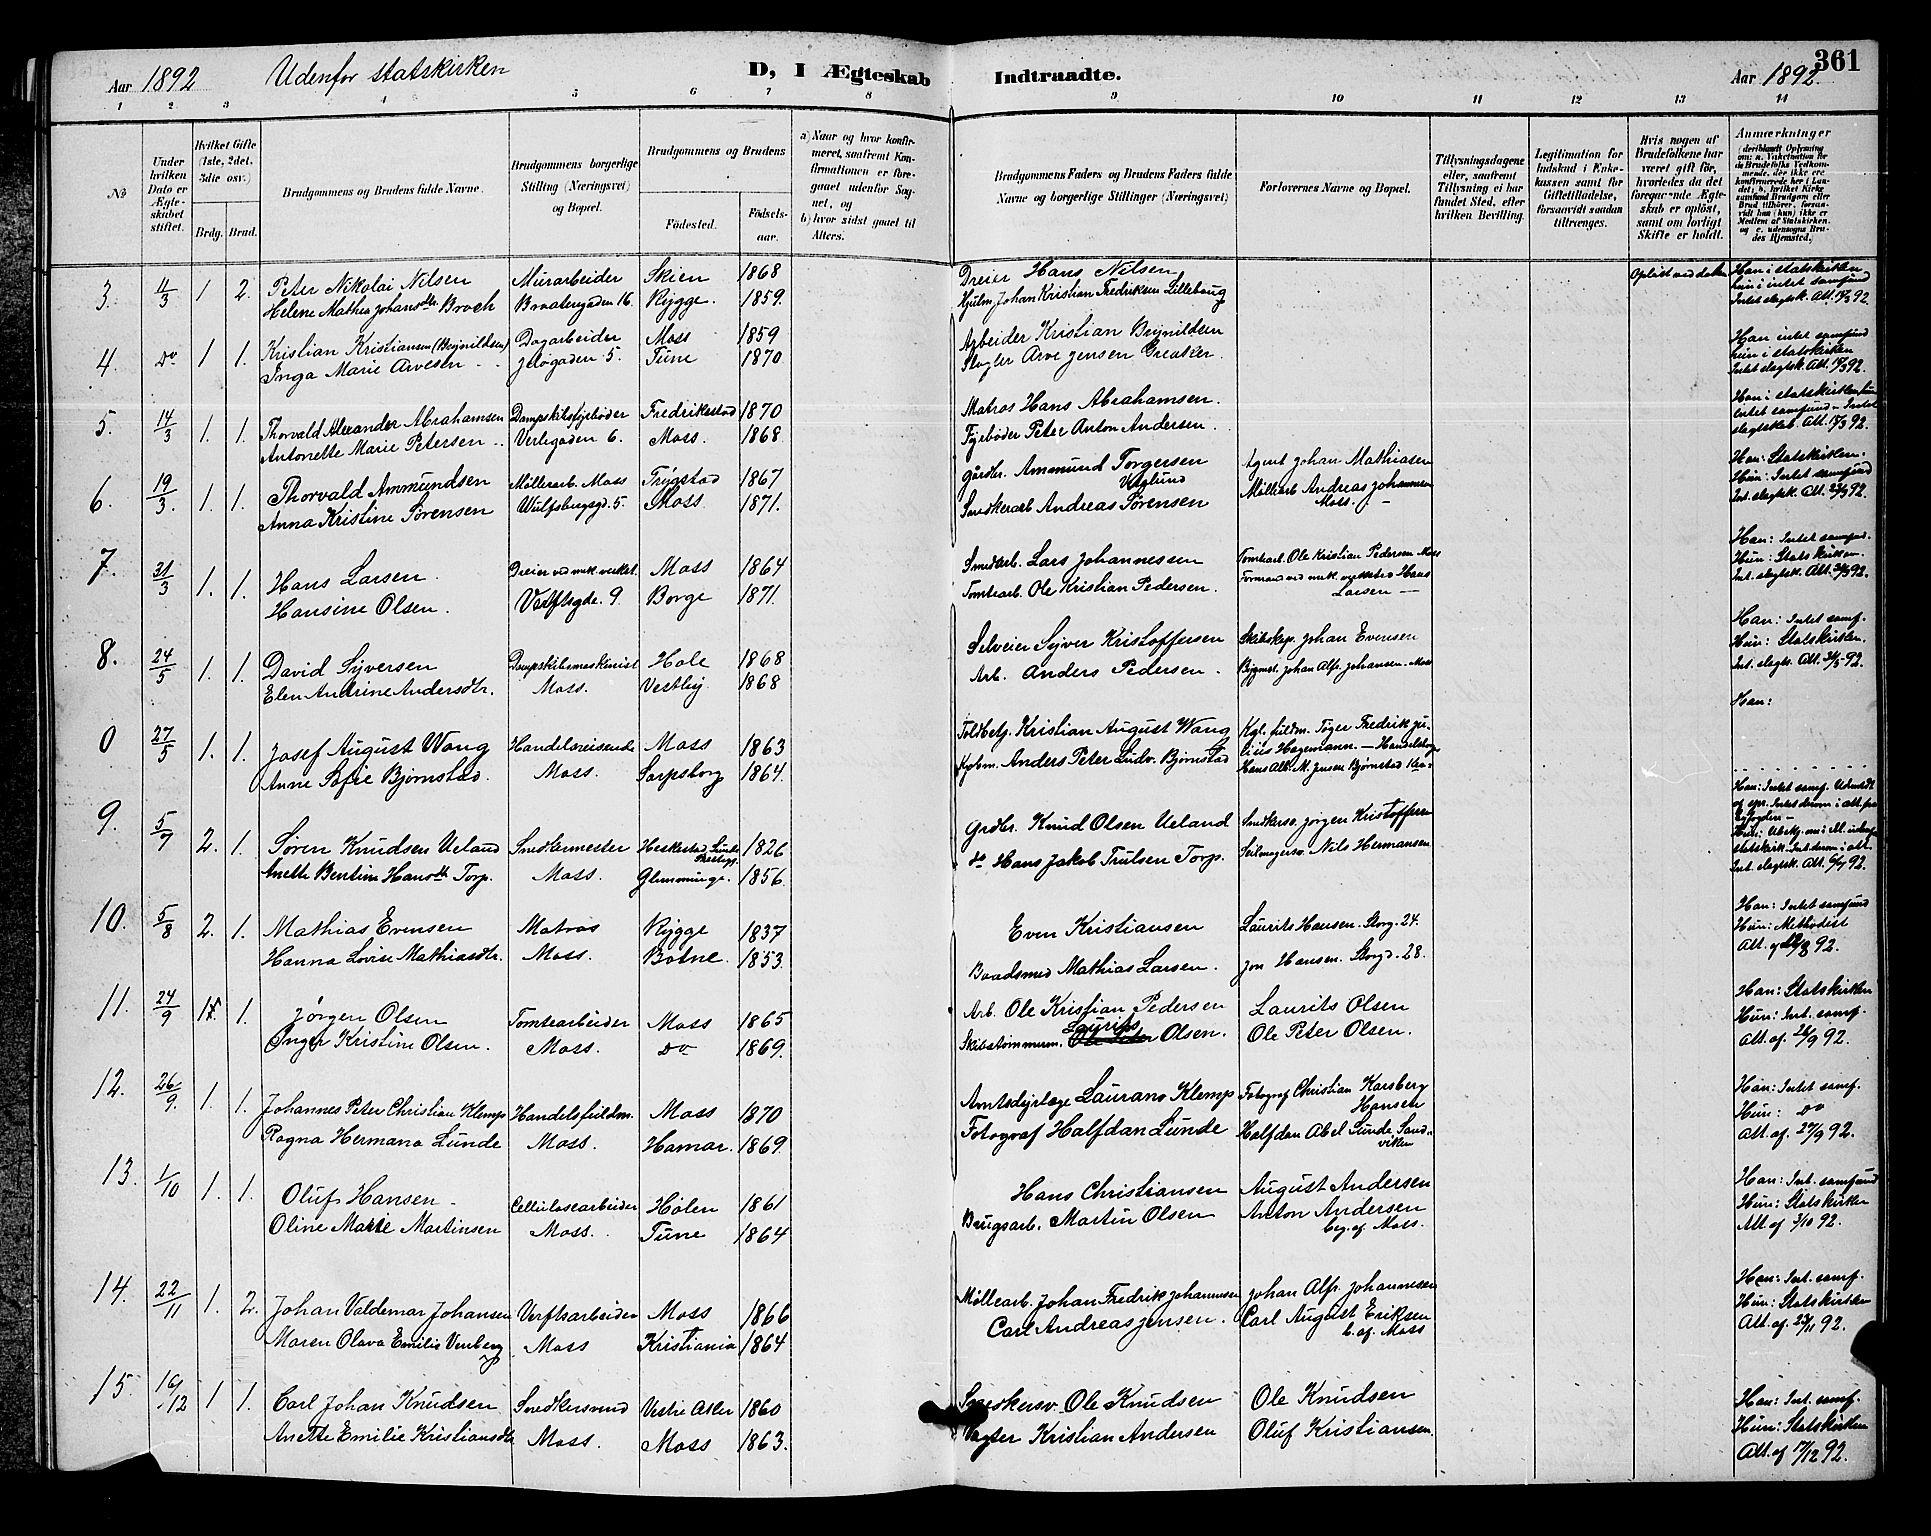 SAO, Moss prestekontor Kirkebøker, G/Ga/L0006: Klokkerbok nr. I 6, 1889-1900, s. 361